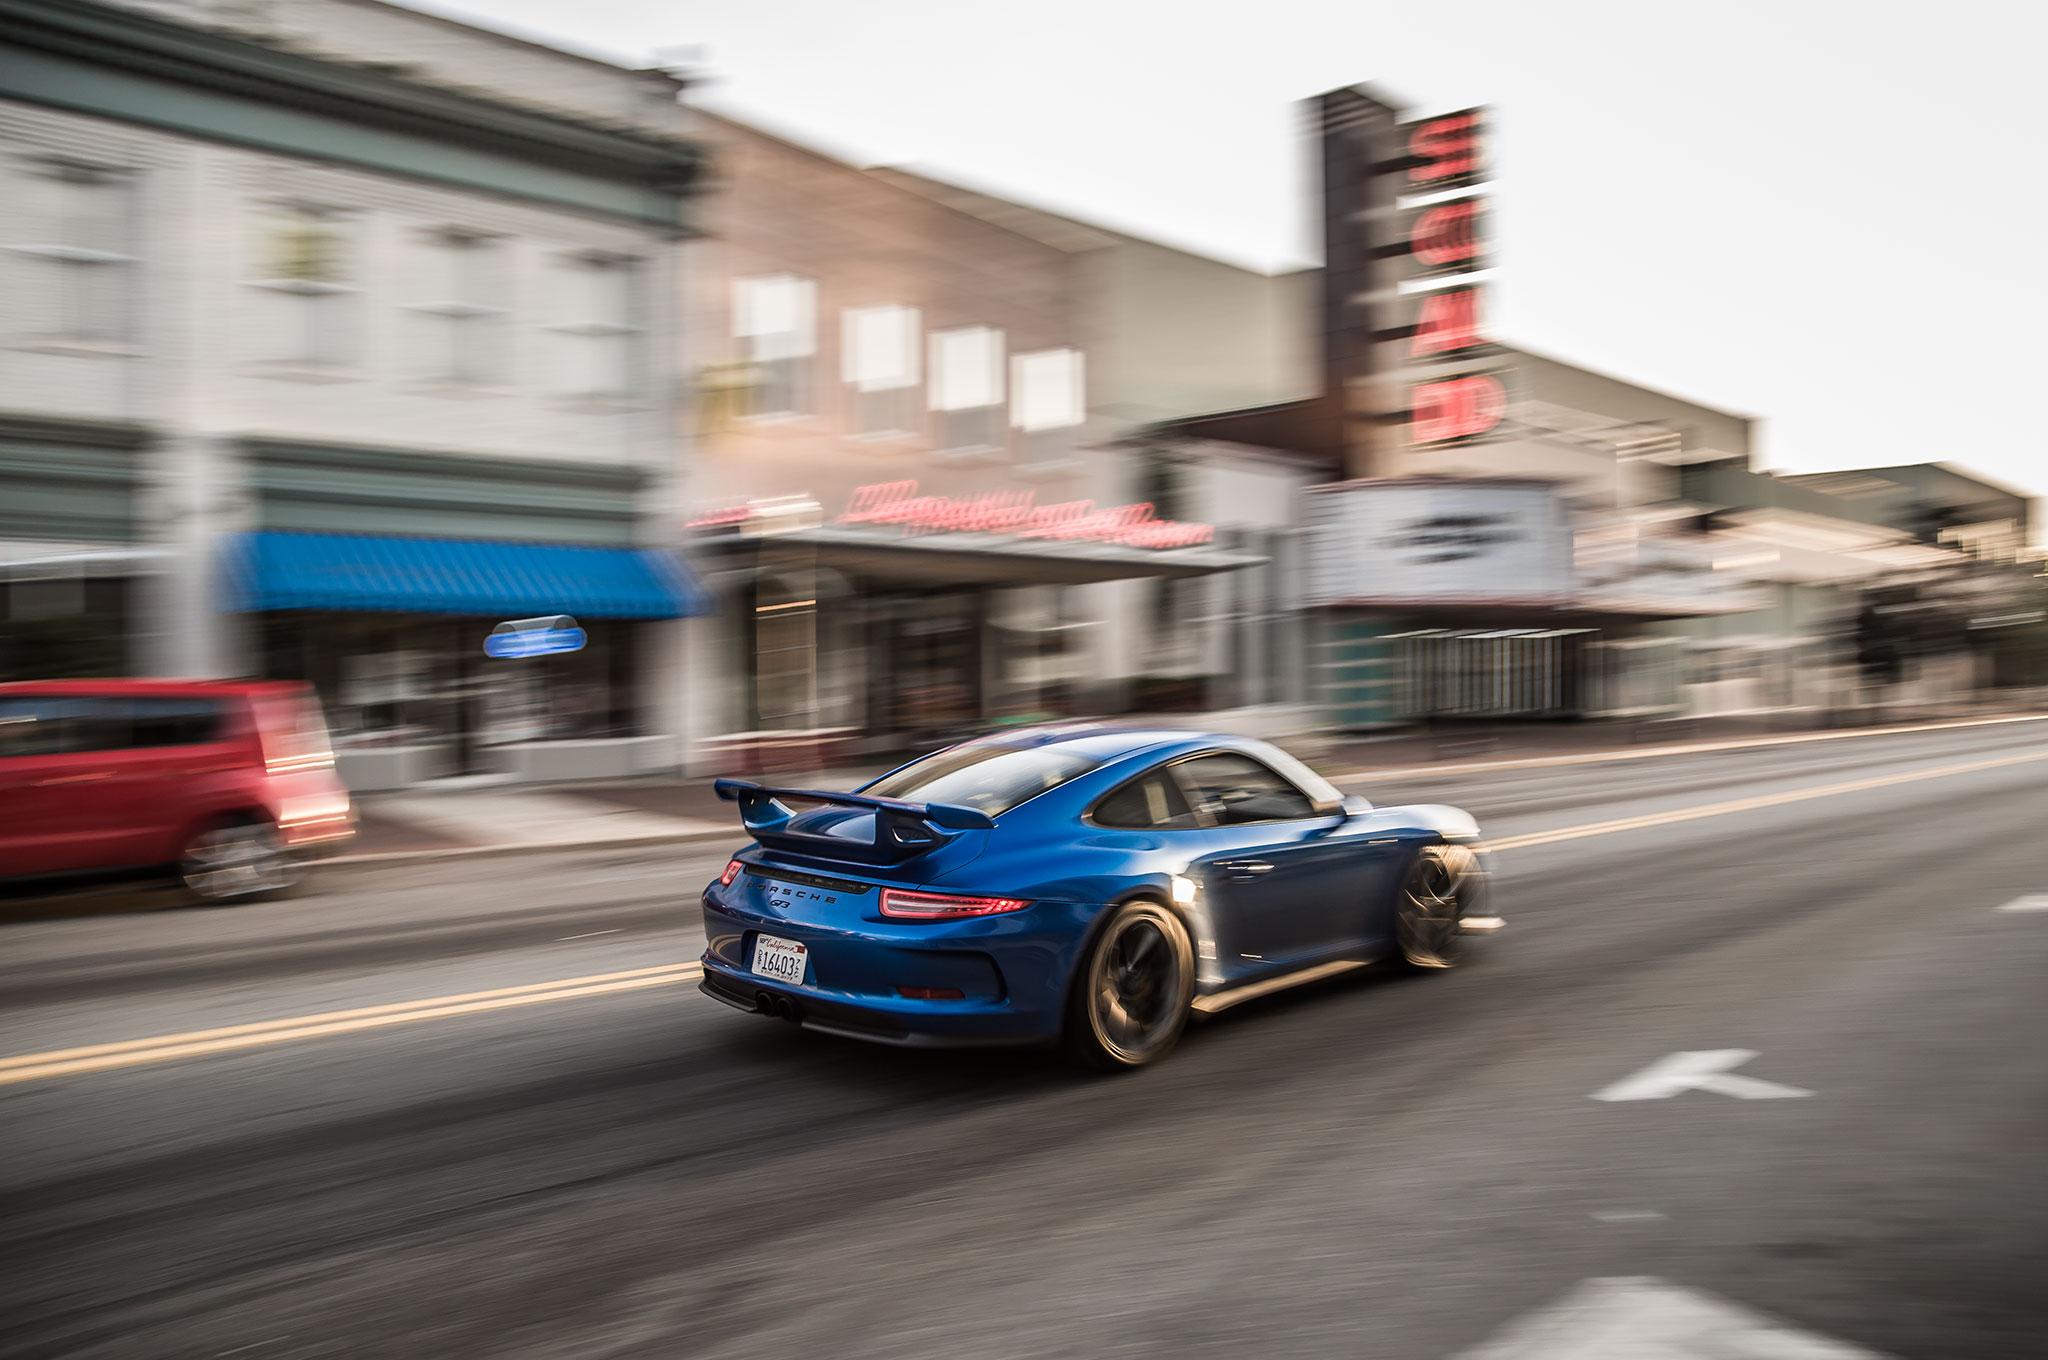 2015 Porsche 911 GT3 Rear Three Quarter Blurred Storefronts